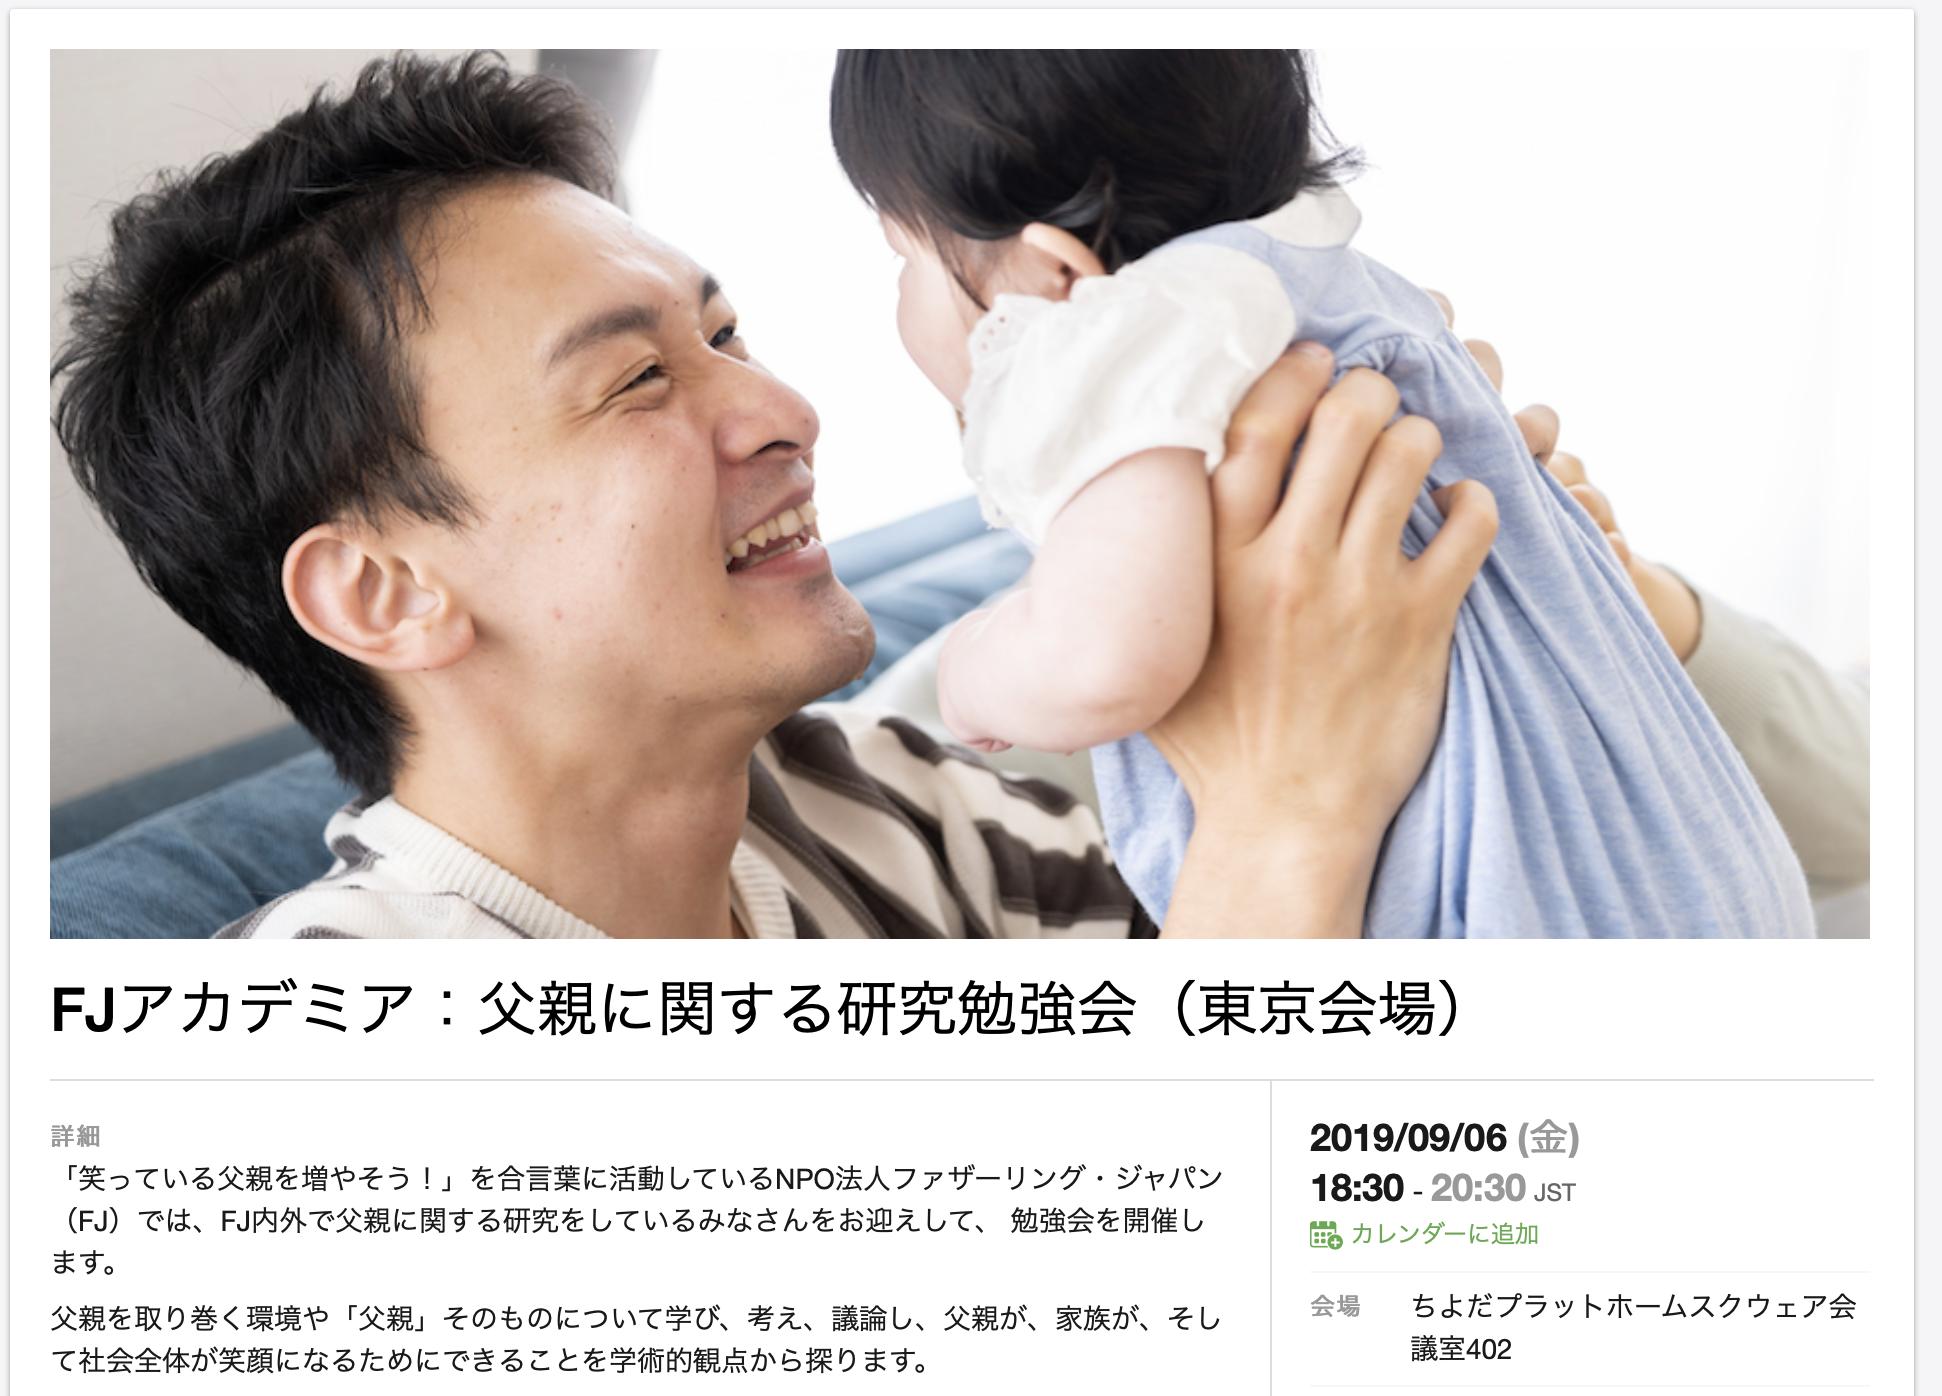 FJアカデミア、始めます。9月6日東京、13日大阪。